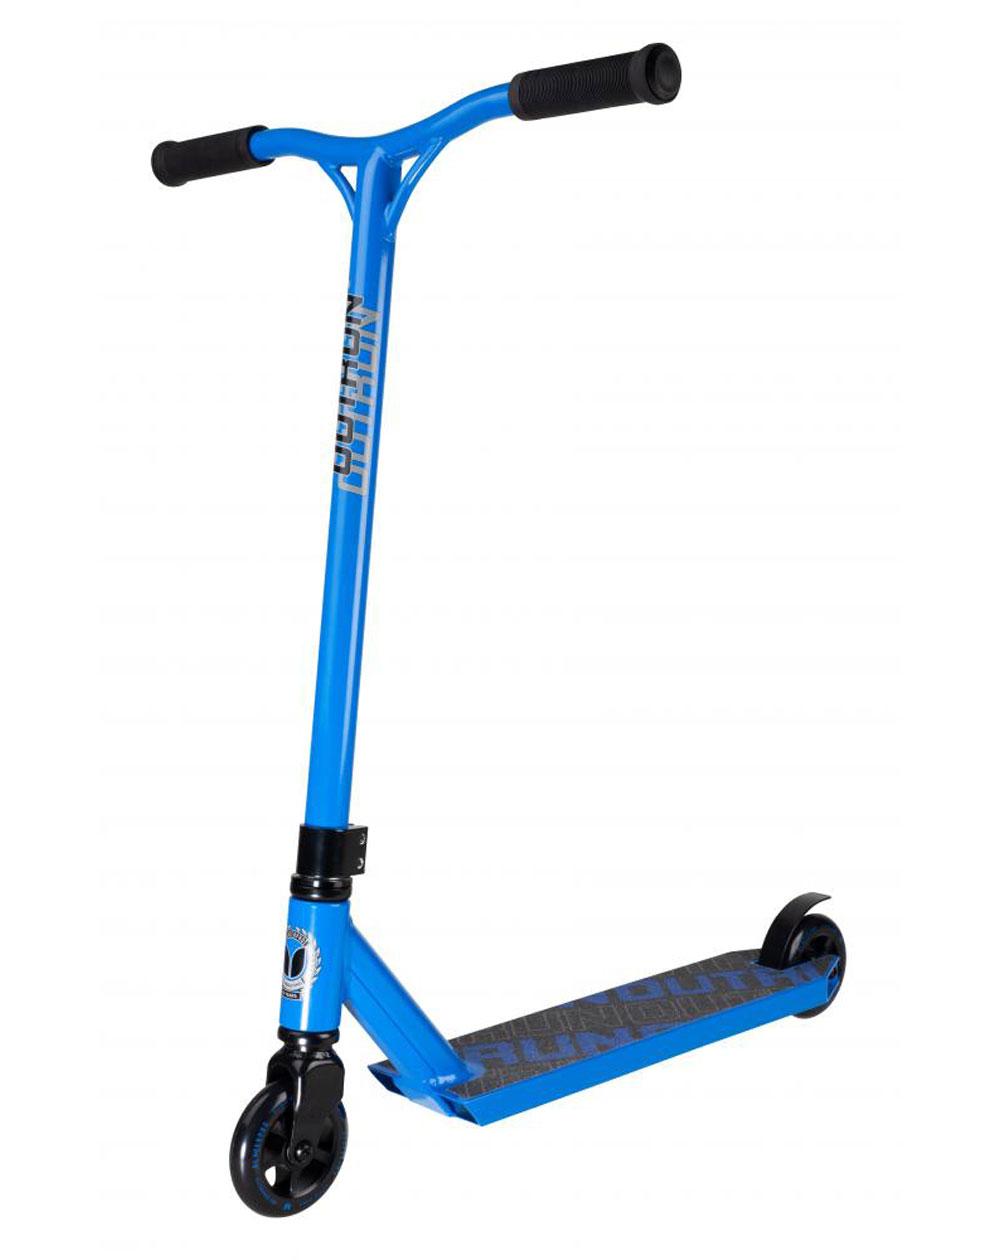 Blazer Pro Outrun 2 Stunt Scooter Blue